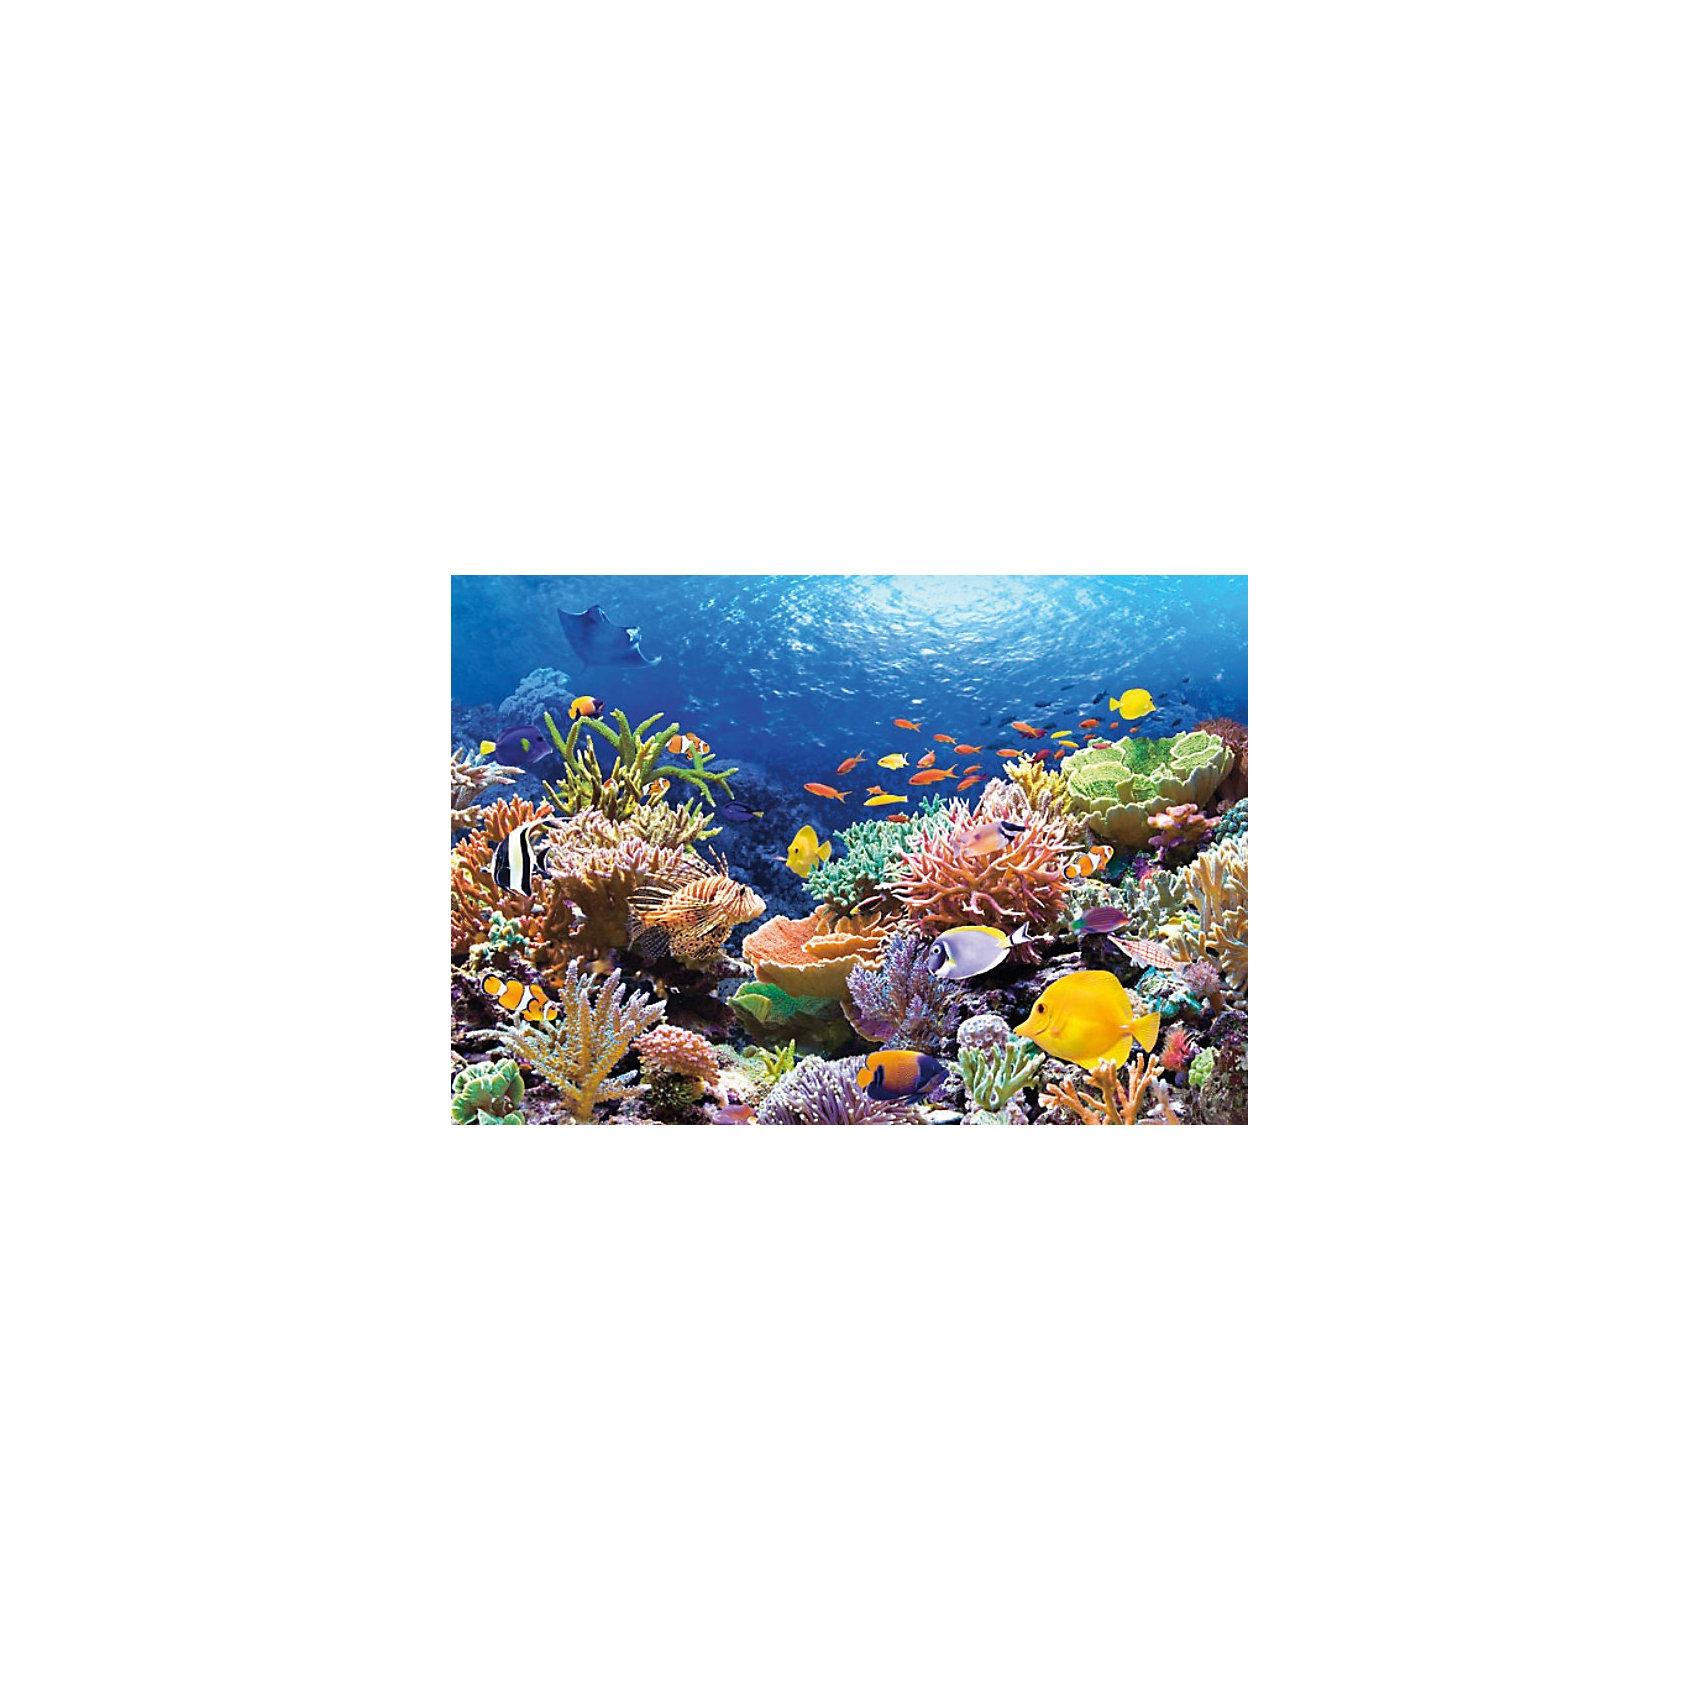 Castorland Пазл Коралловый риф, 1000 деталей, Castorland castorland пазл забавный экскаватор 12 деталей maxi castorland